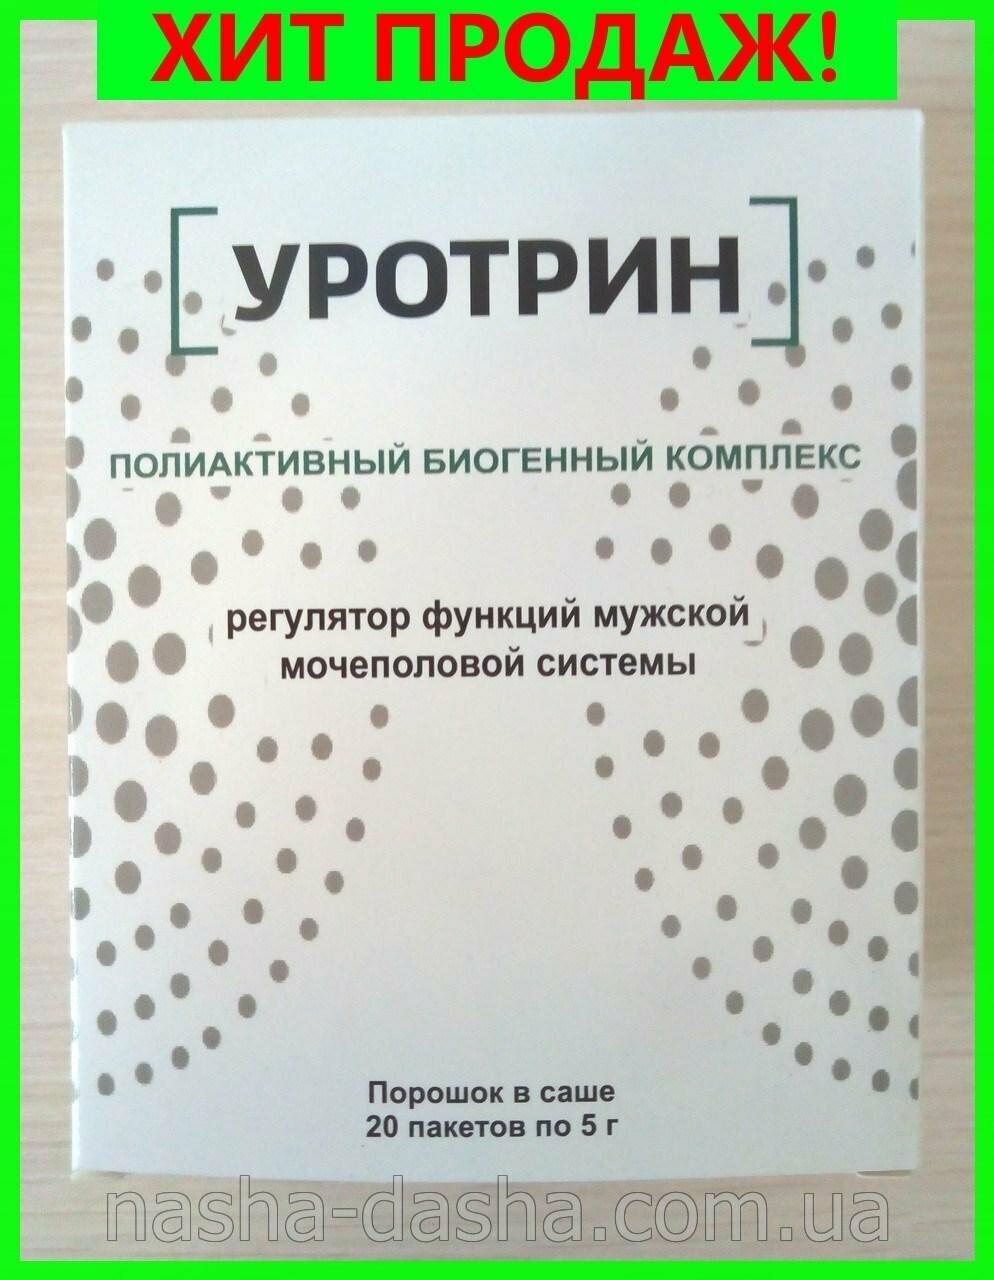 Уротрин от простатита в Орехово-Зуеве